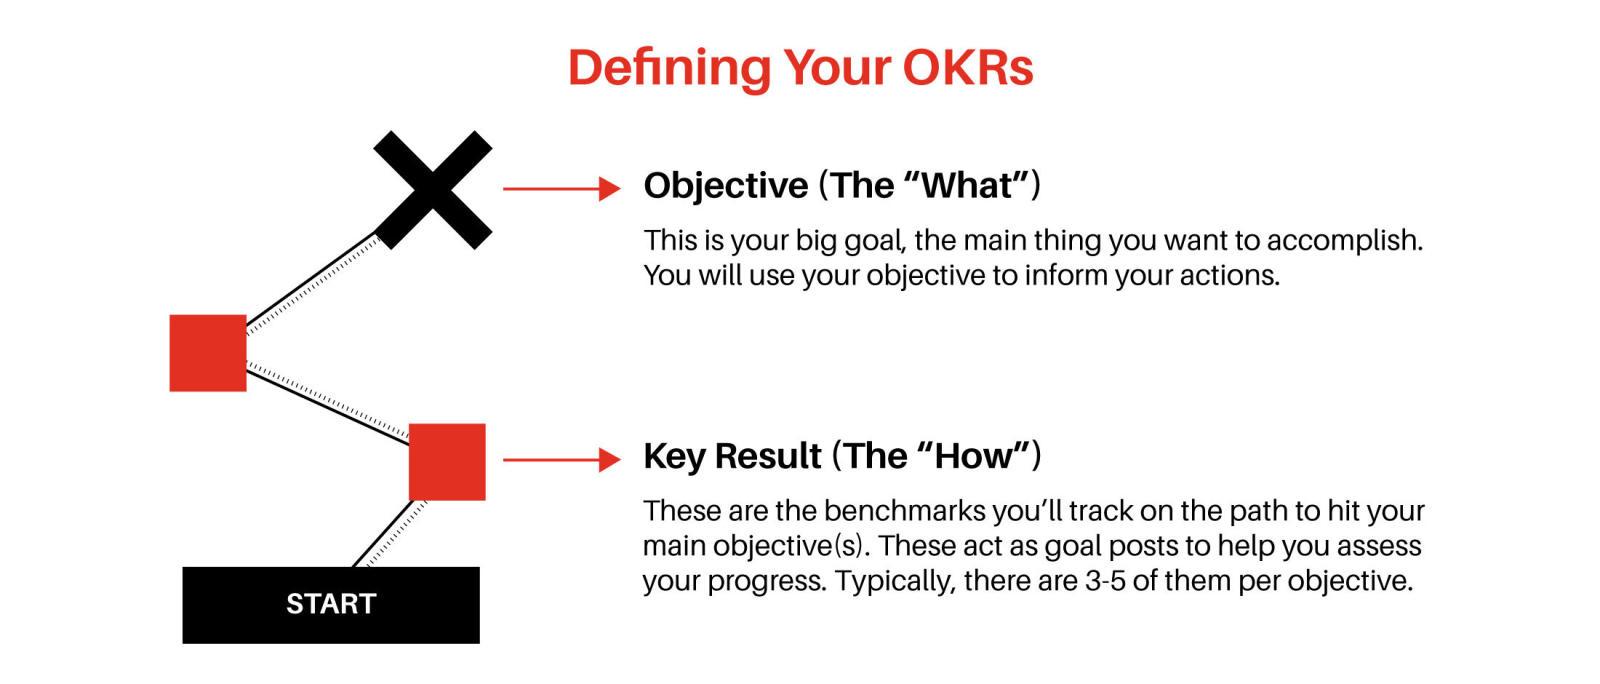 كيفية تحقيق الأهداف.. إليك نصائح وطرق عملية مجربة